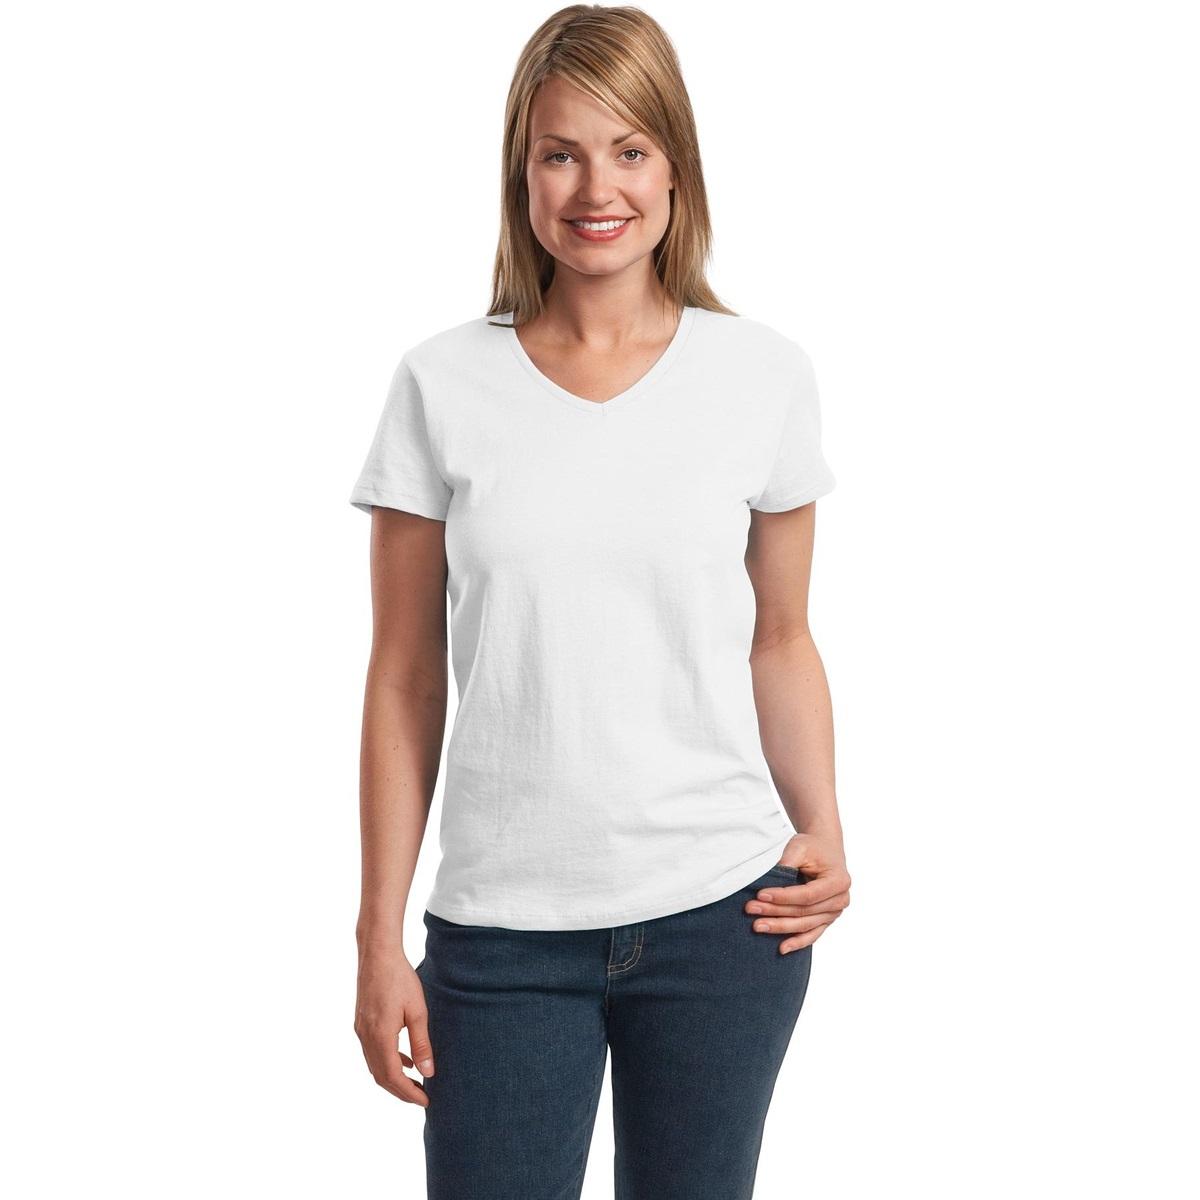 Hanes 5780 Ladies Comfortsoft V Neck T Shirt White